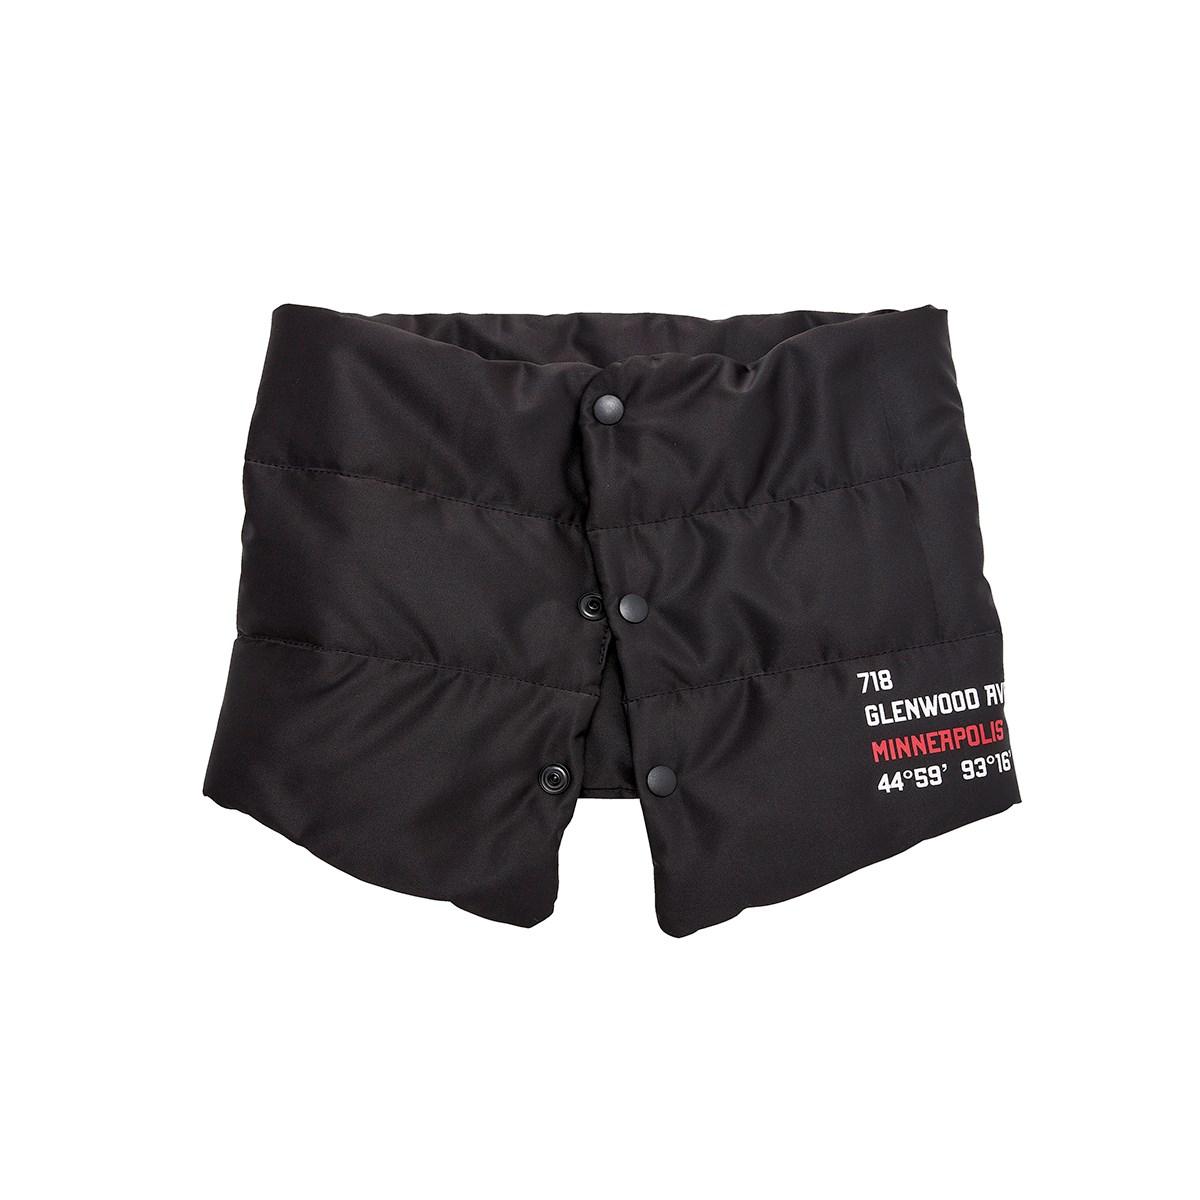 マンシングウェア Munsingwear 中綿入りネックウォーマー ブラック 00 フリー